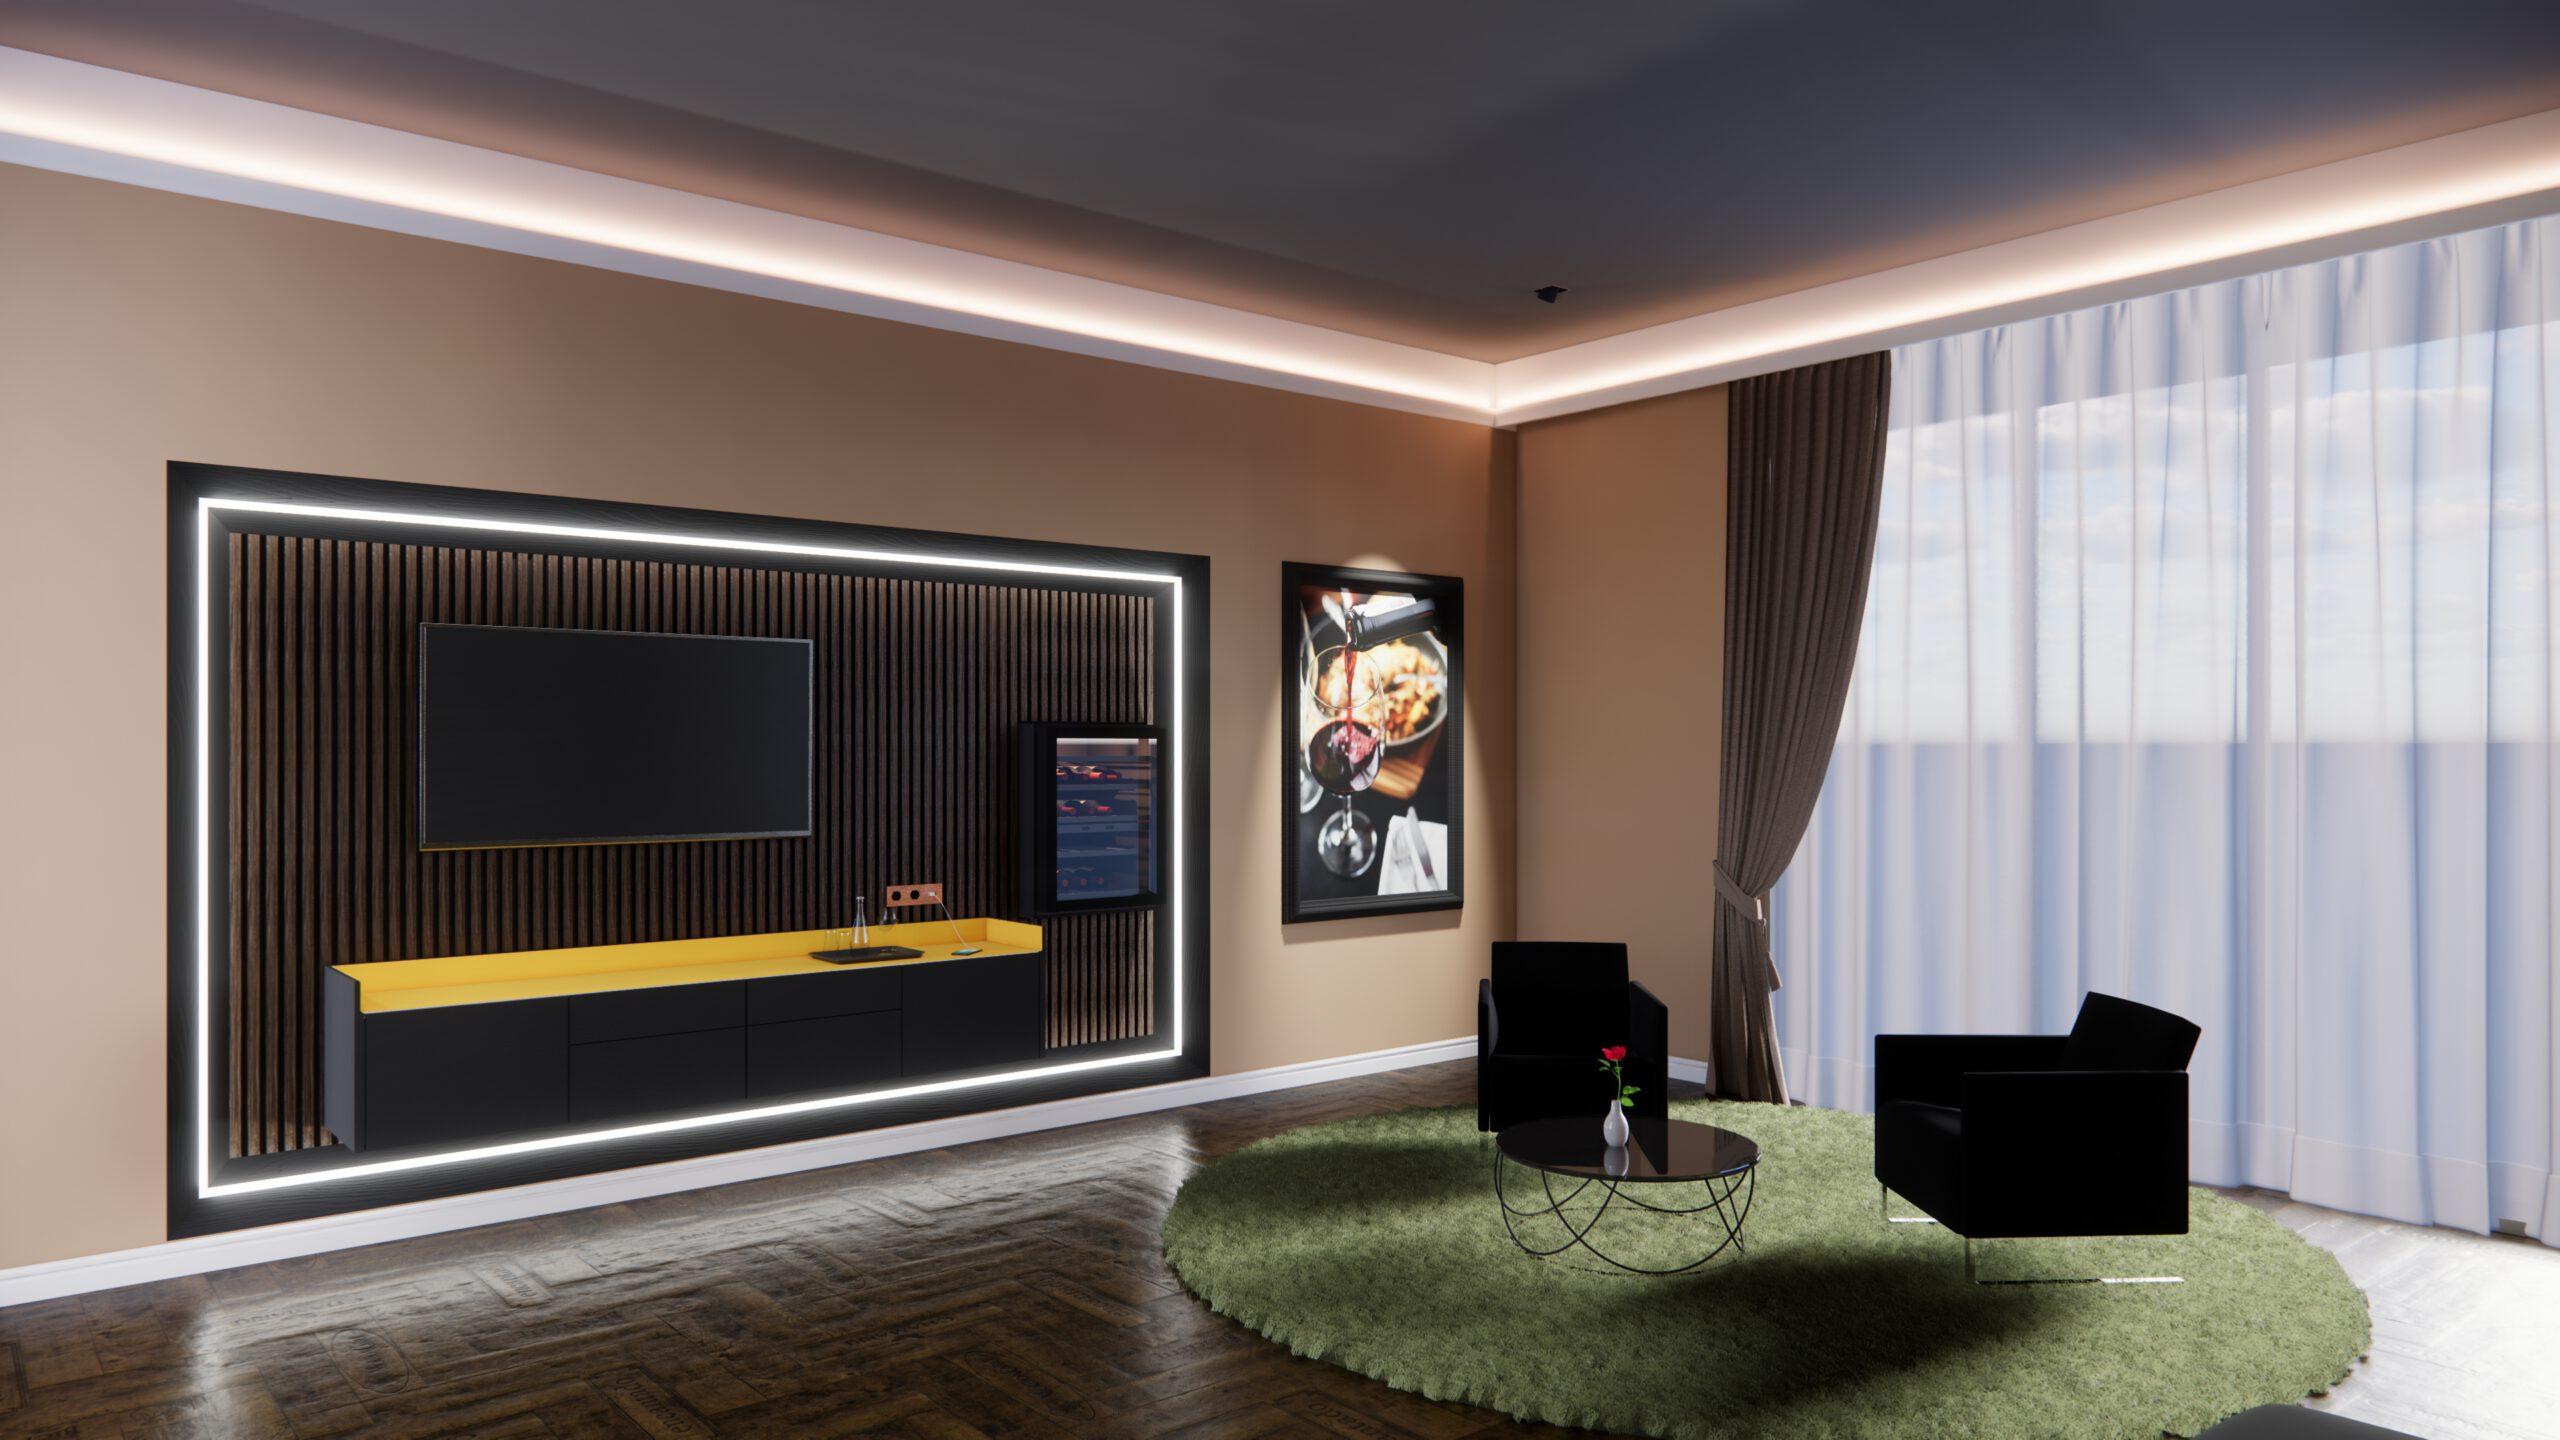 Hotelzimmer Hotel Wein Liebherr Weinkühlschrank Tepich Parkettboden Sessel Tisch Kaffe Lowboard TV Bild Beleuchtung